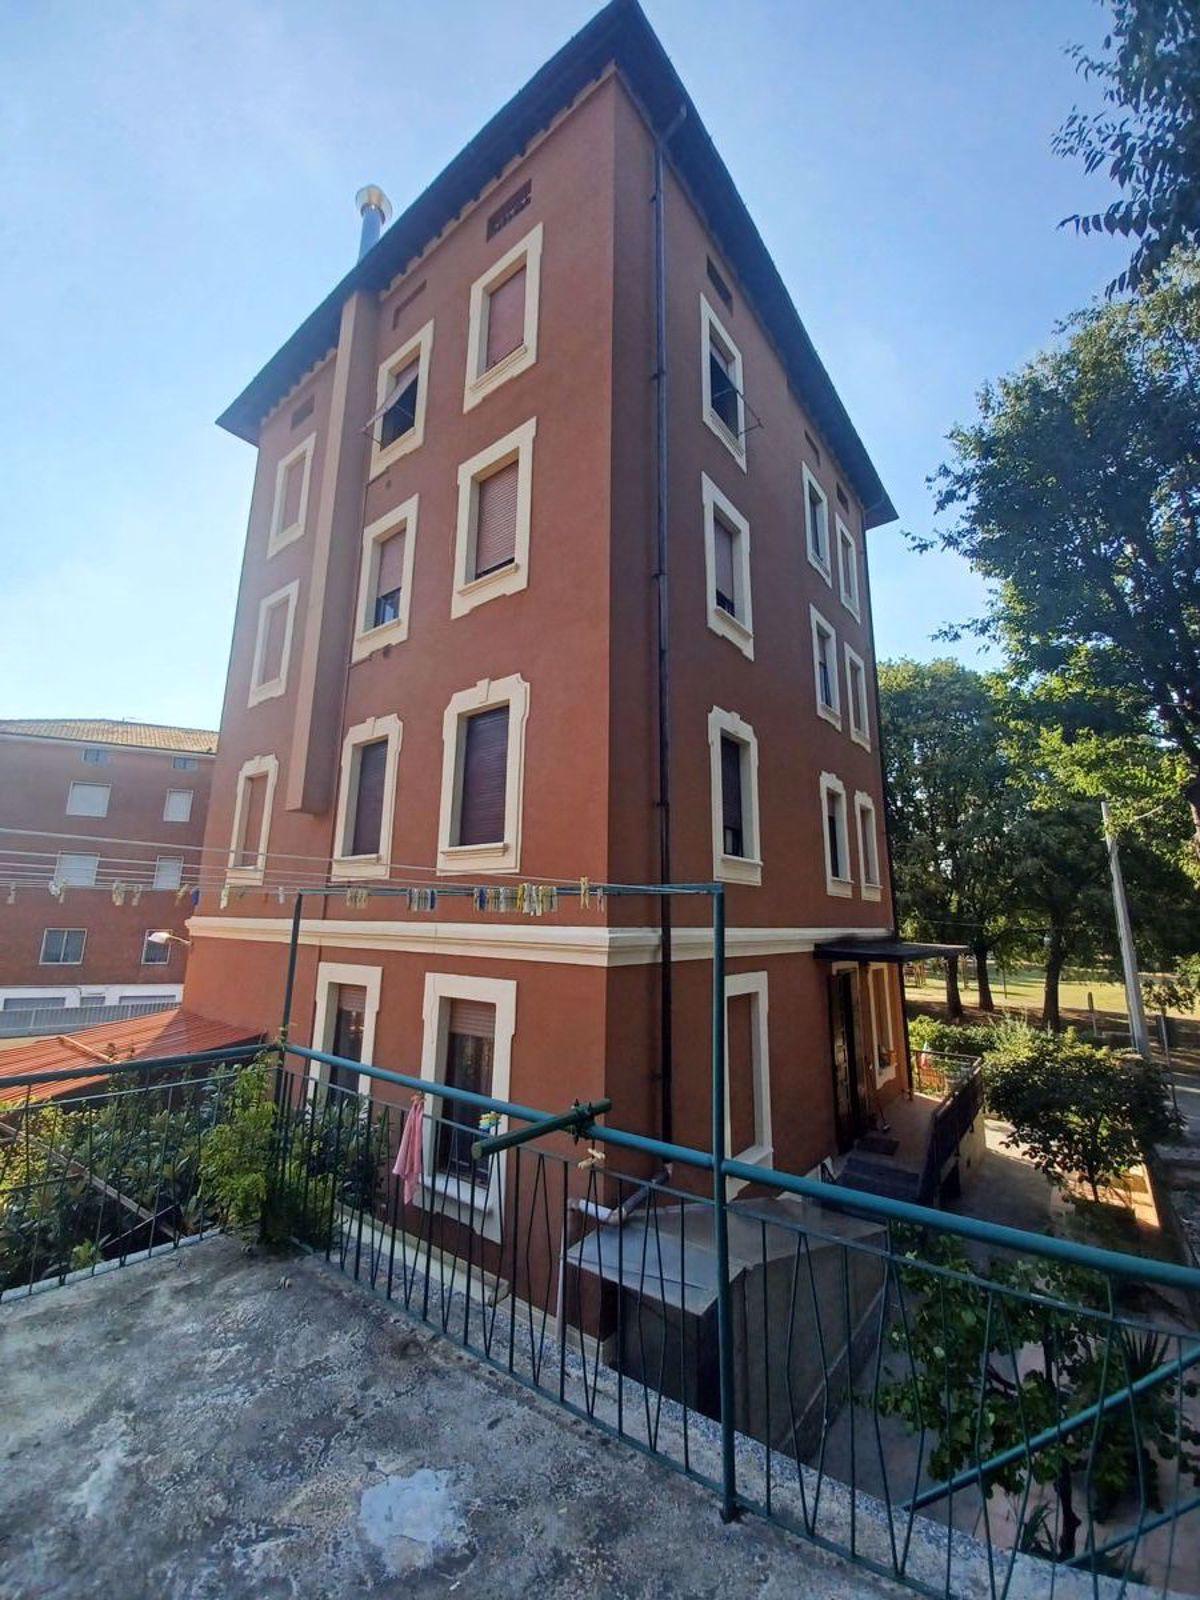 Vendita Quadrilocale Appartamento Cinisello Balsamo toti, 7 287358